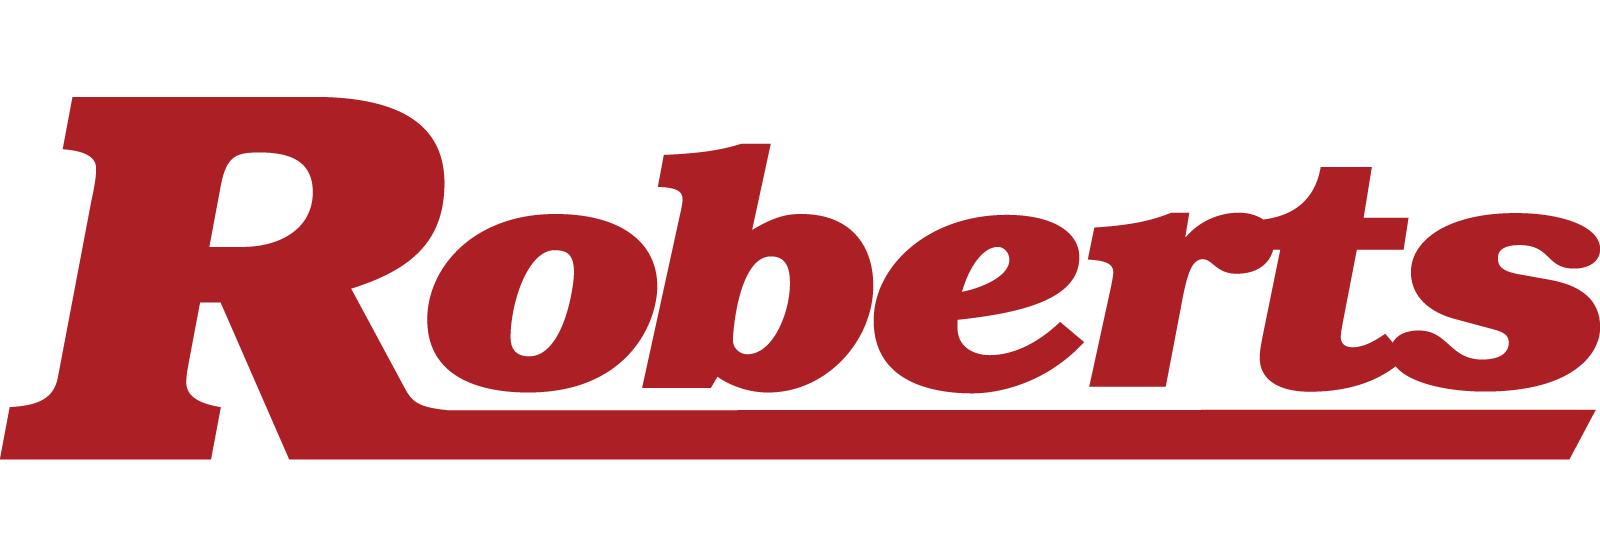 Roberts Camera Coupons